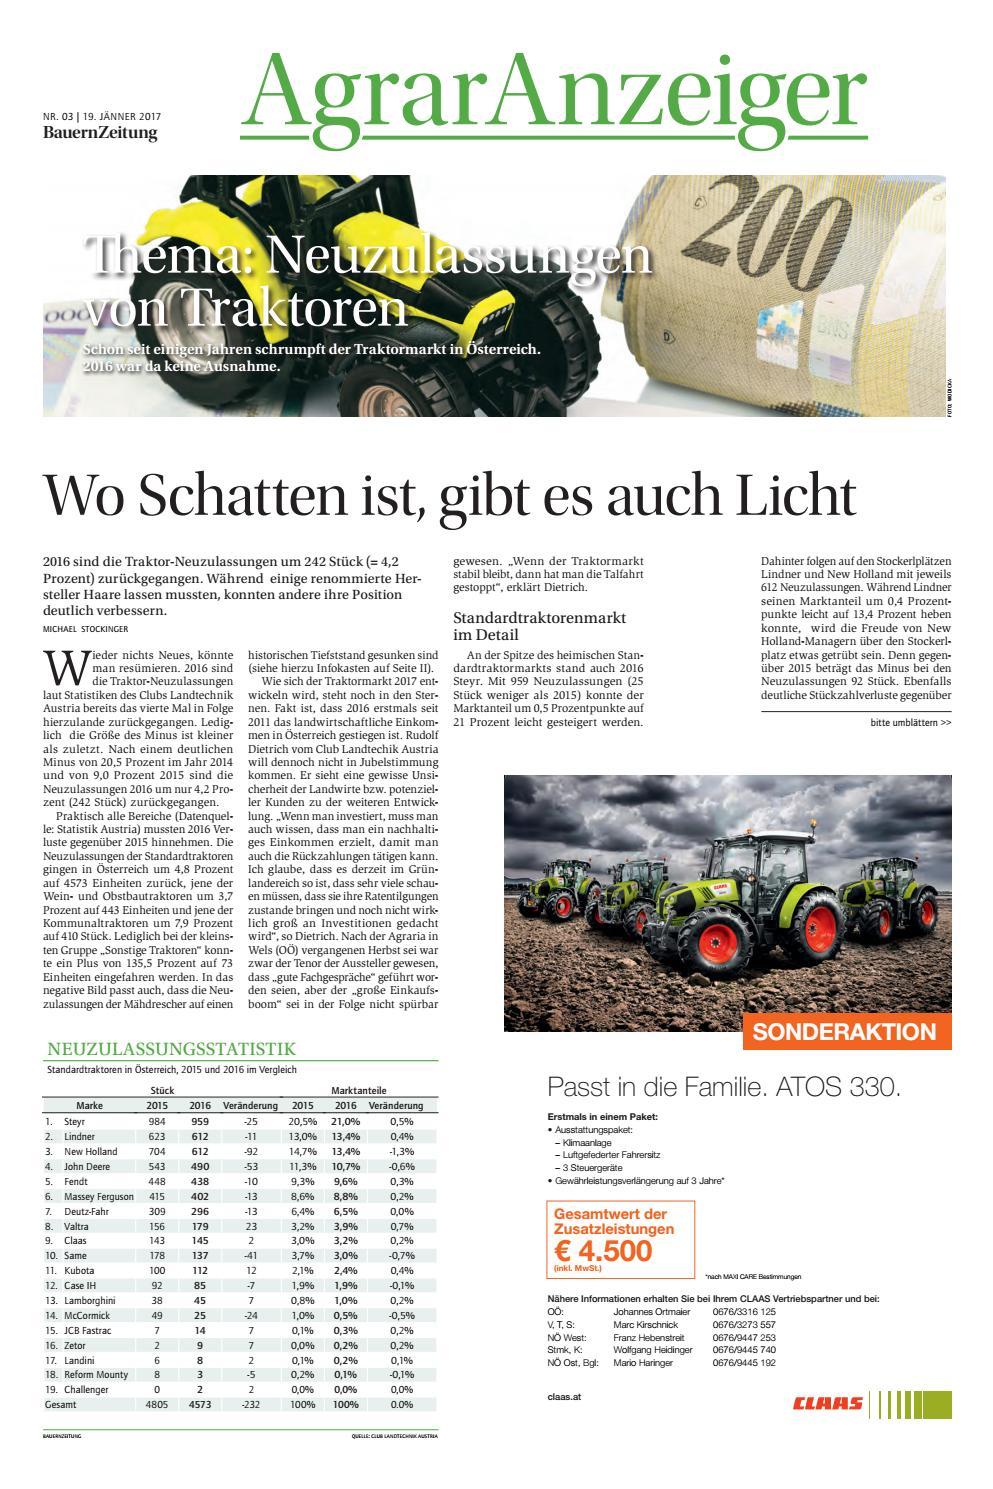 Partnervermittlung - WIR fr SIE Burgenland - Die